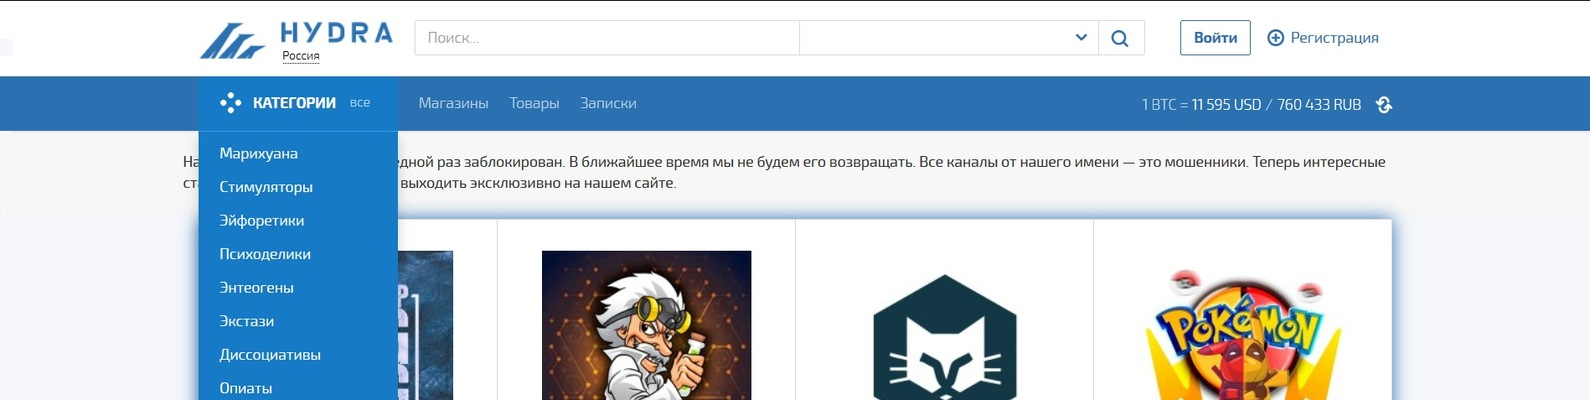 браузер тор для андроида отзывы gydra